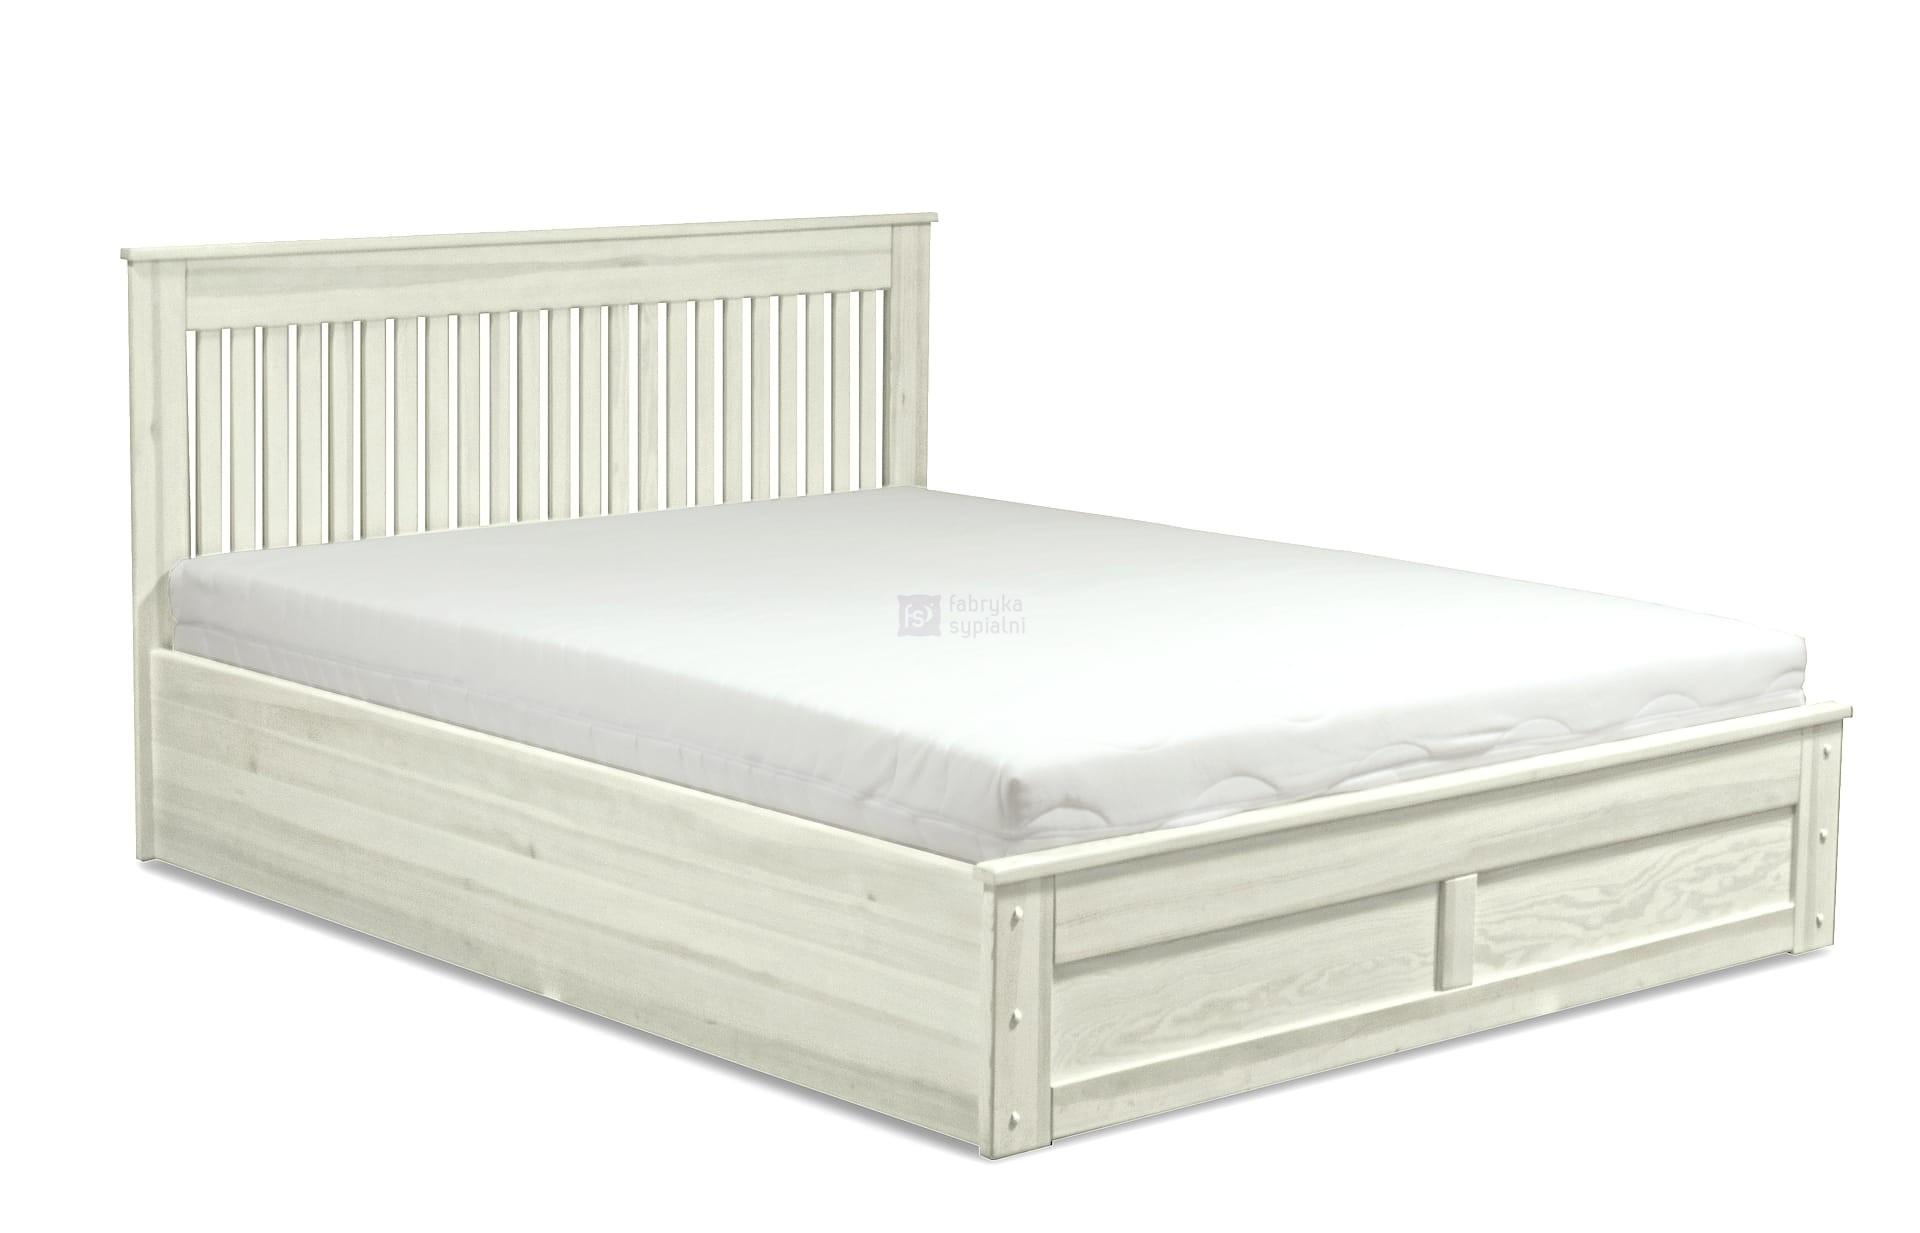 łóżko Italia Z Pojemnikiem Sosnowe Meble Doktór